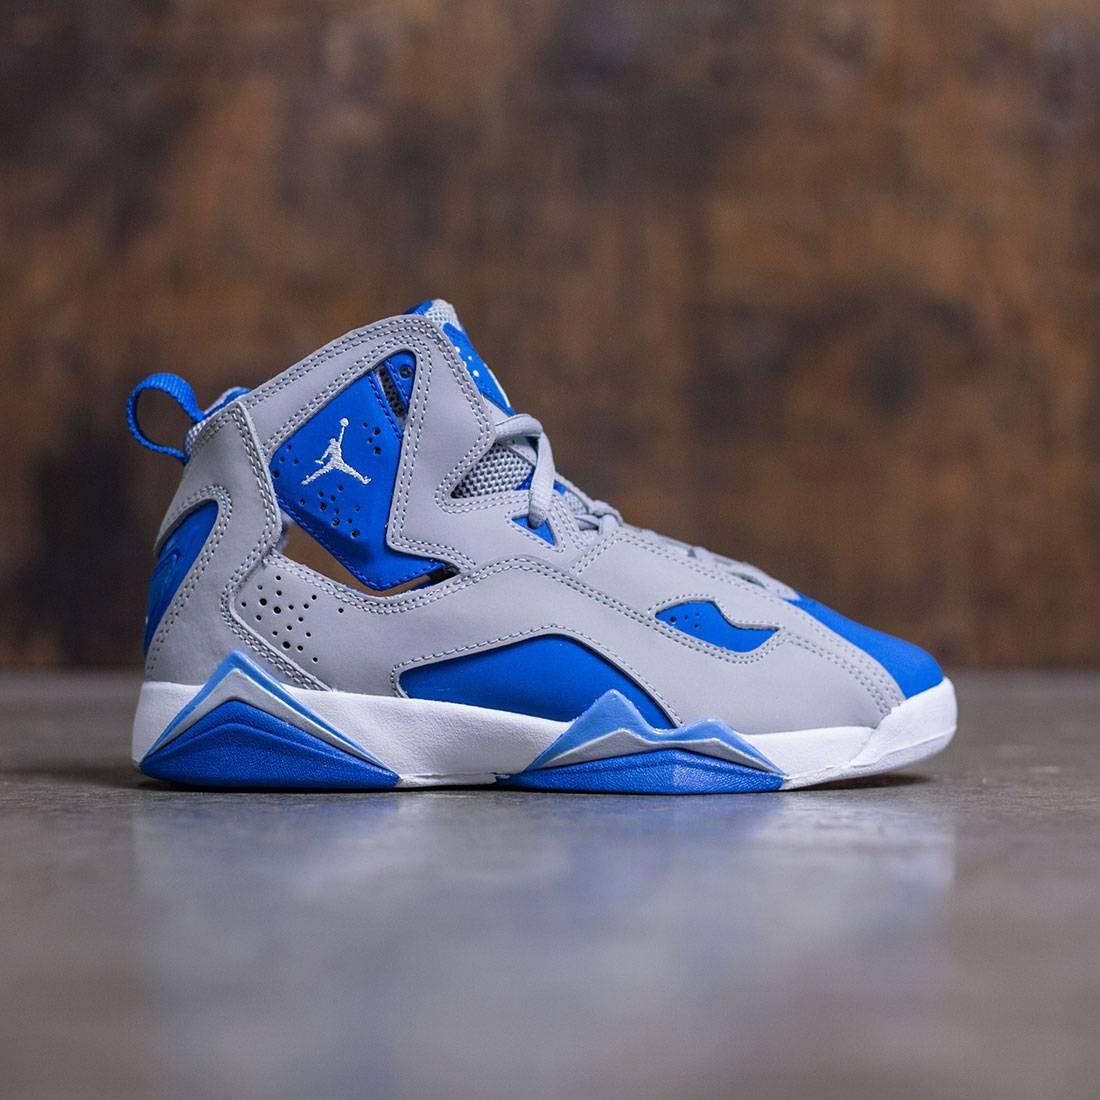 0b78a7861e7151 jordan true flight grey and blue